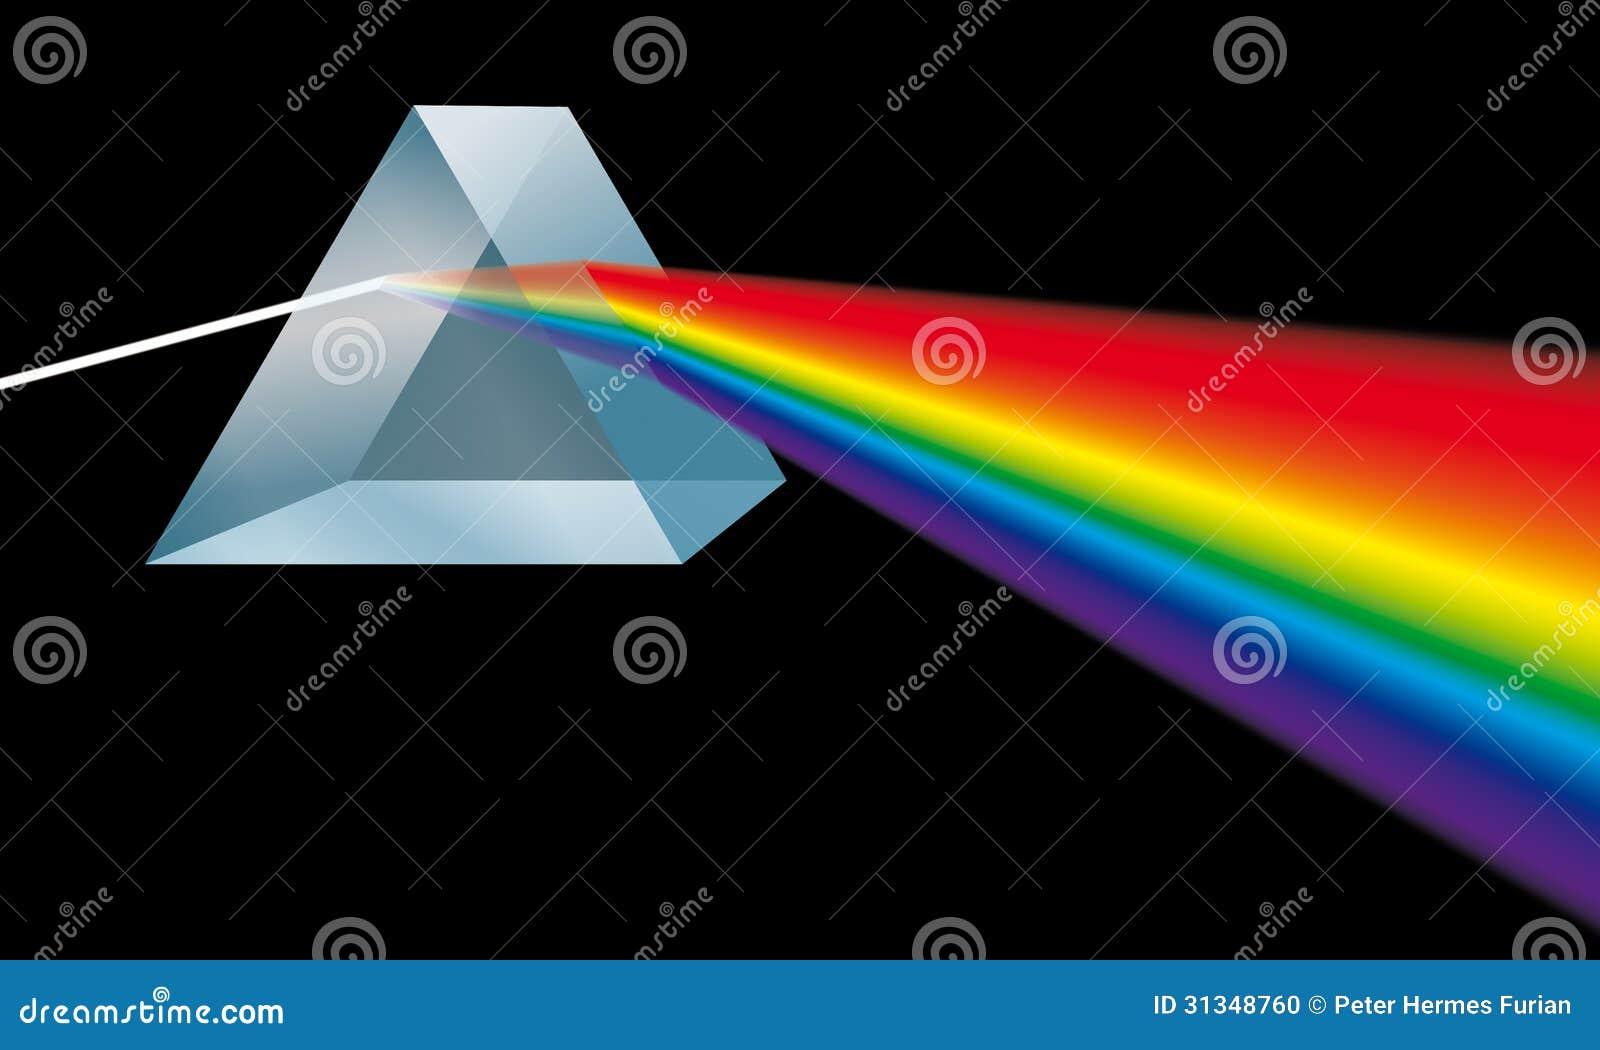 Le prisme triangulaire divise la lumière en couleurs spectrales